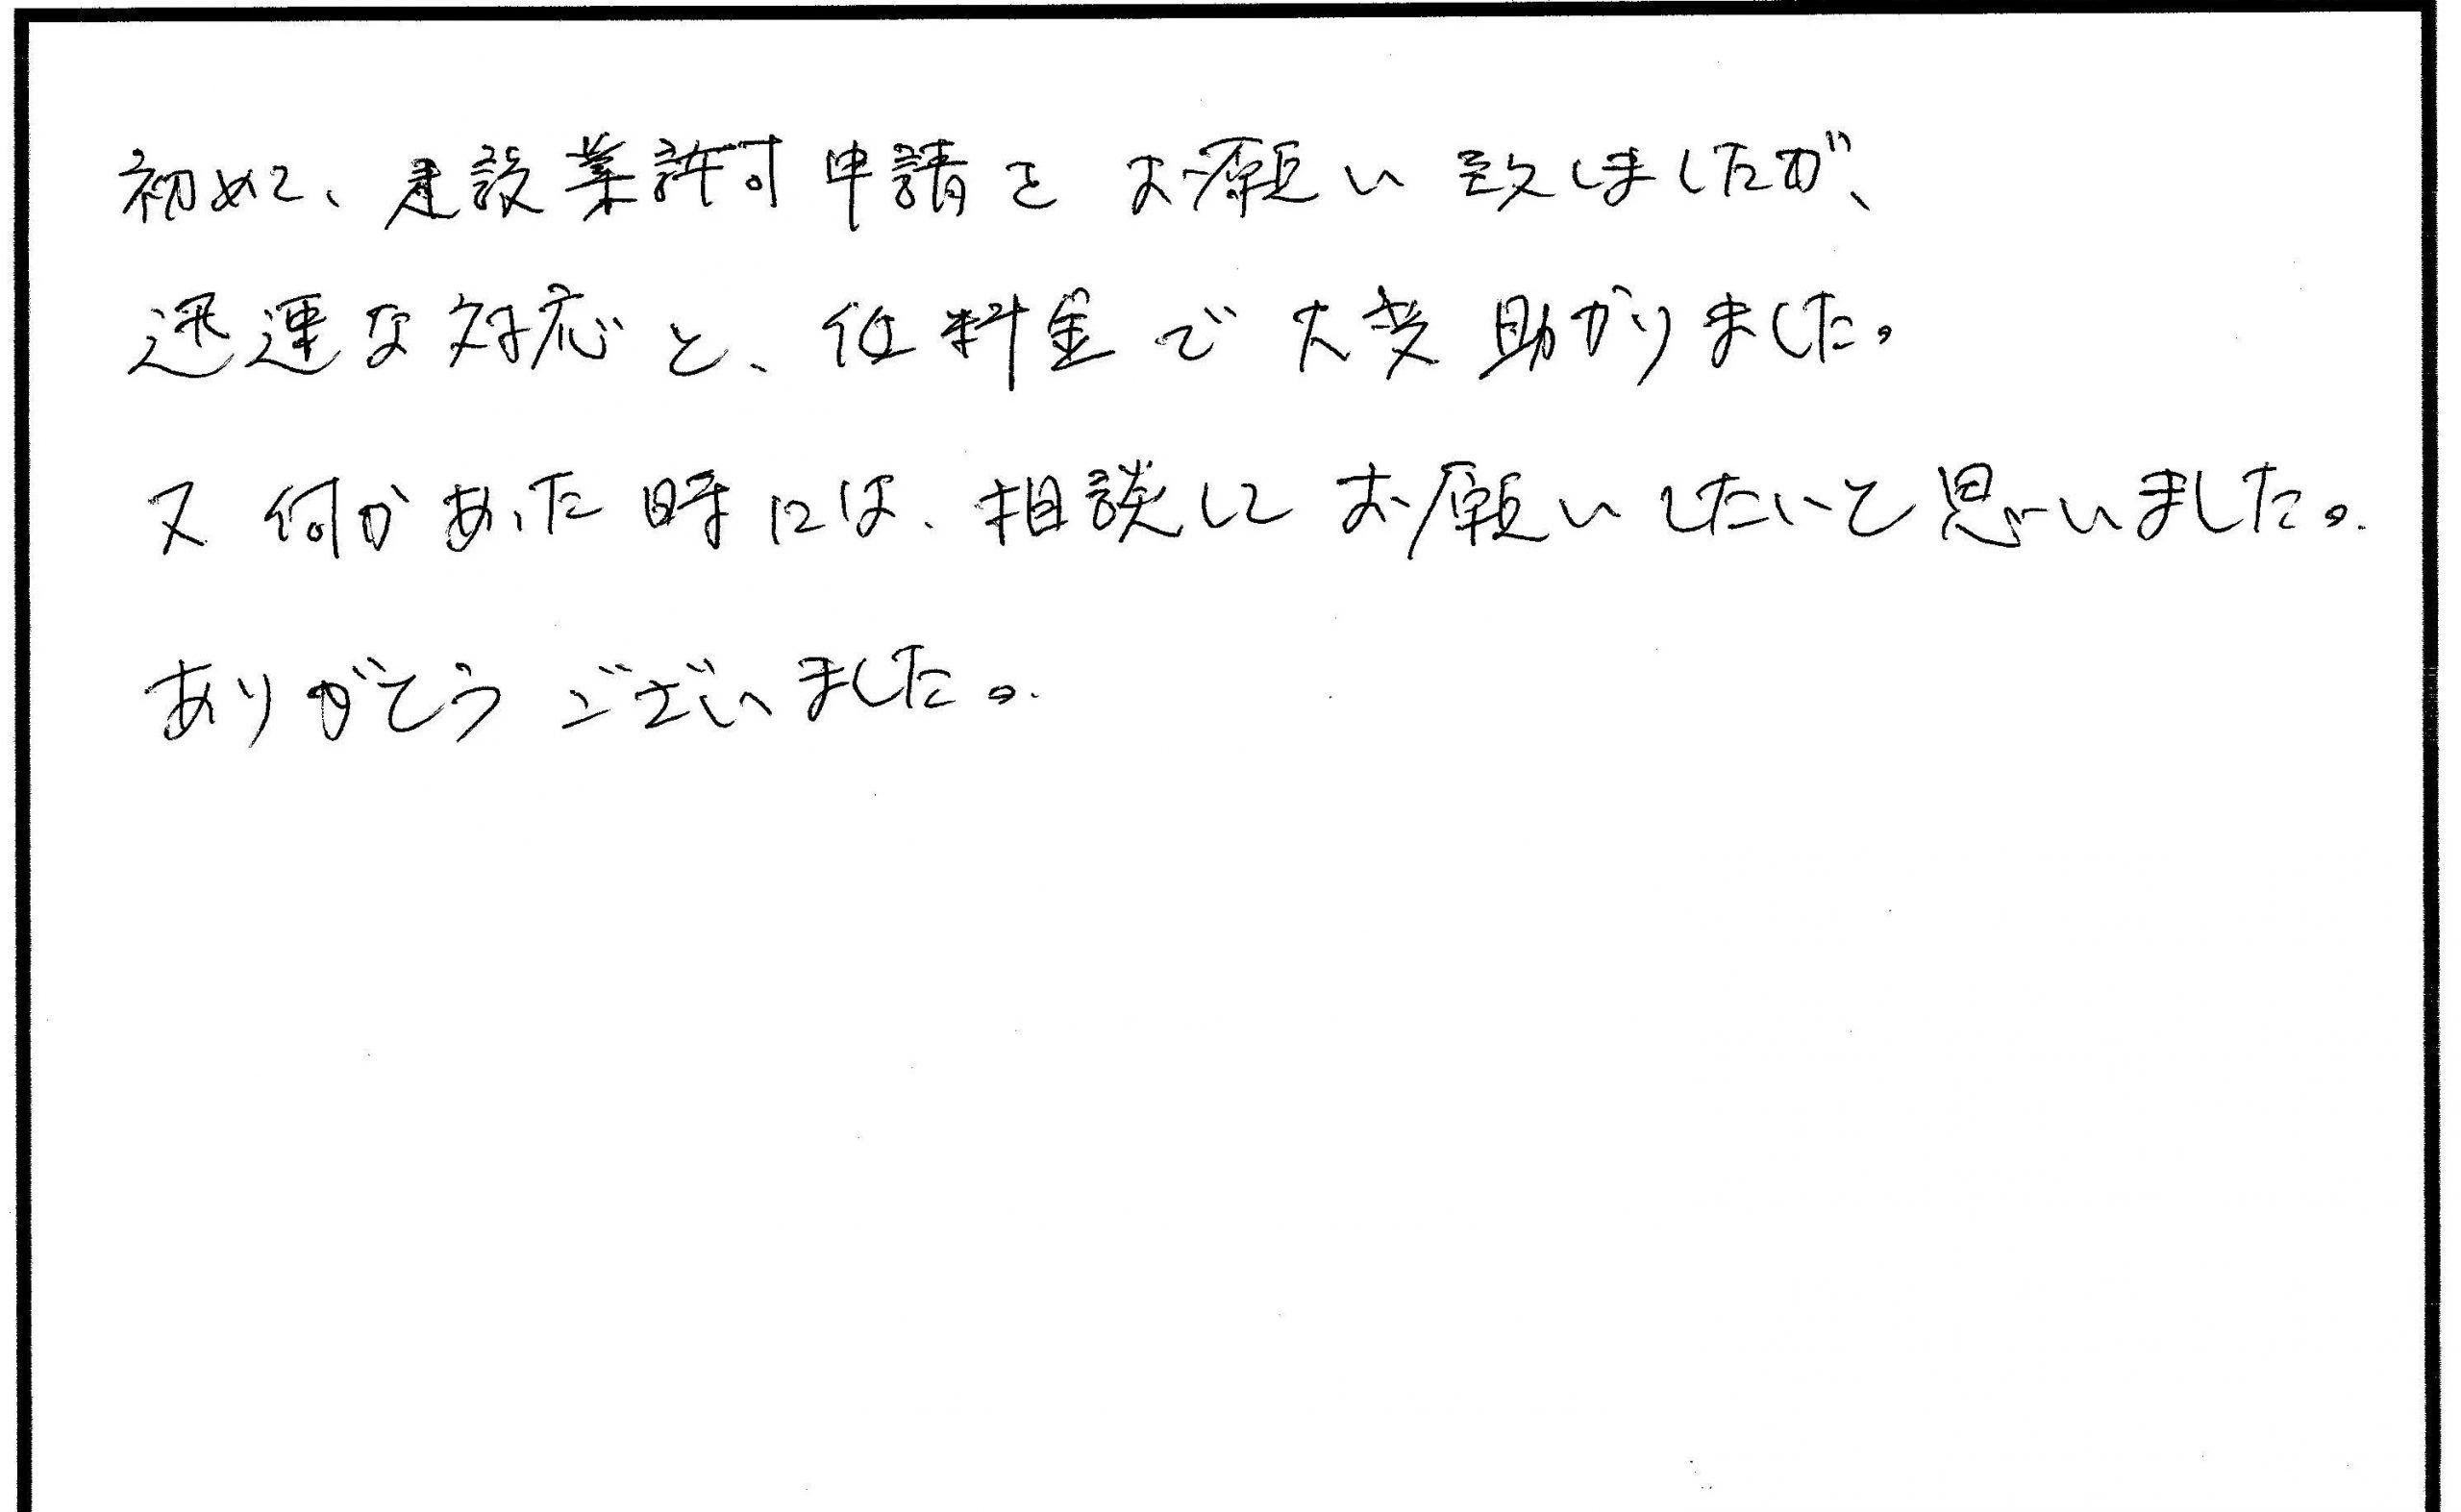 声4(ワタナベ創建)HP用